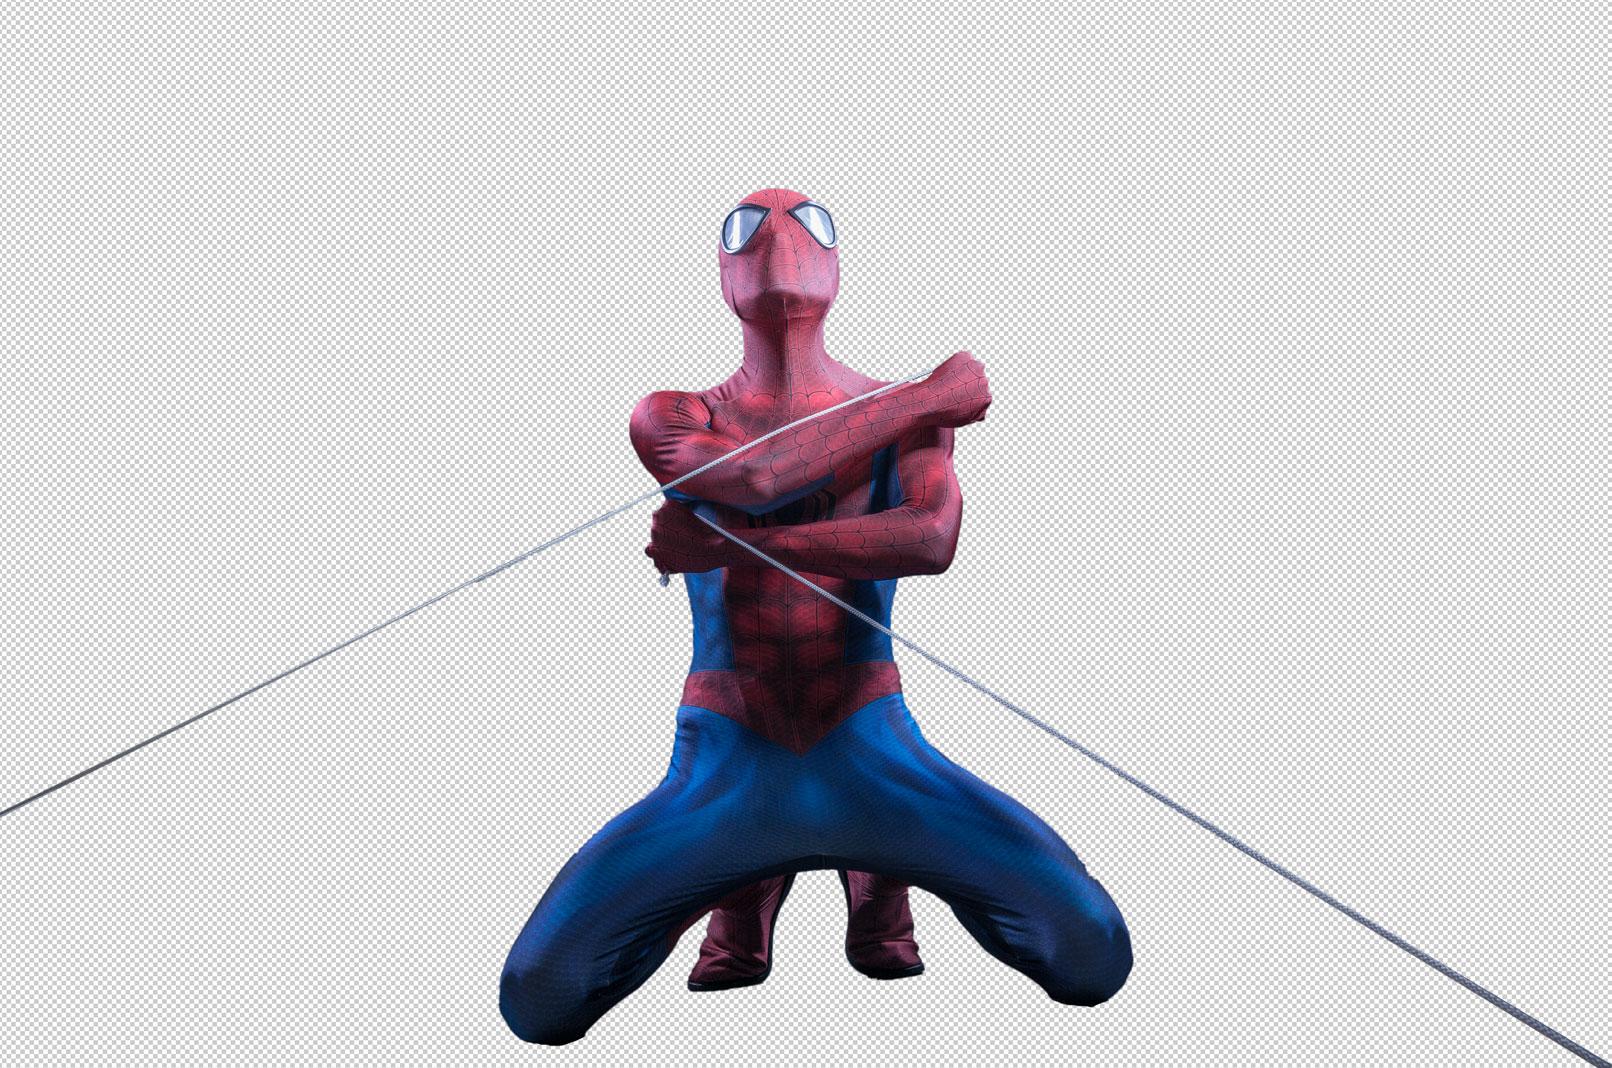 Bildcomposing und Perspektive in Photoshop: Artwork im Batman-Stil